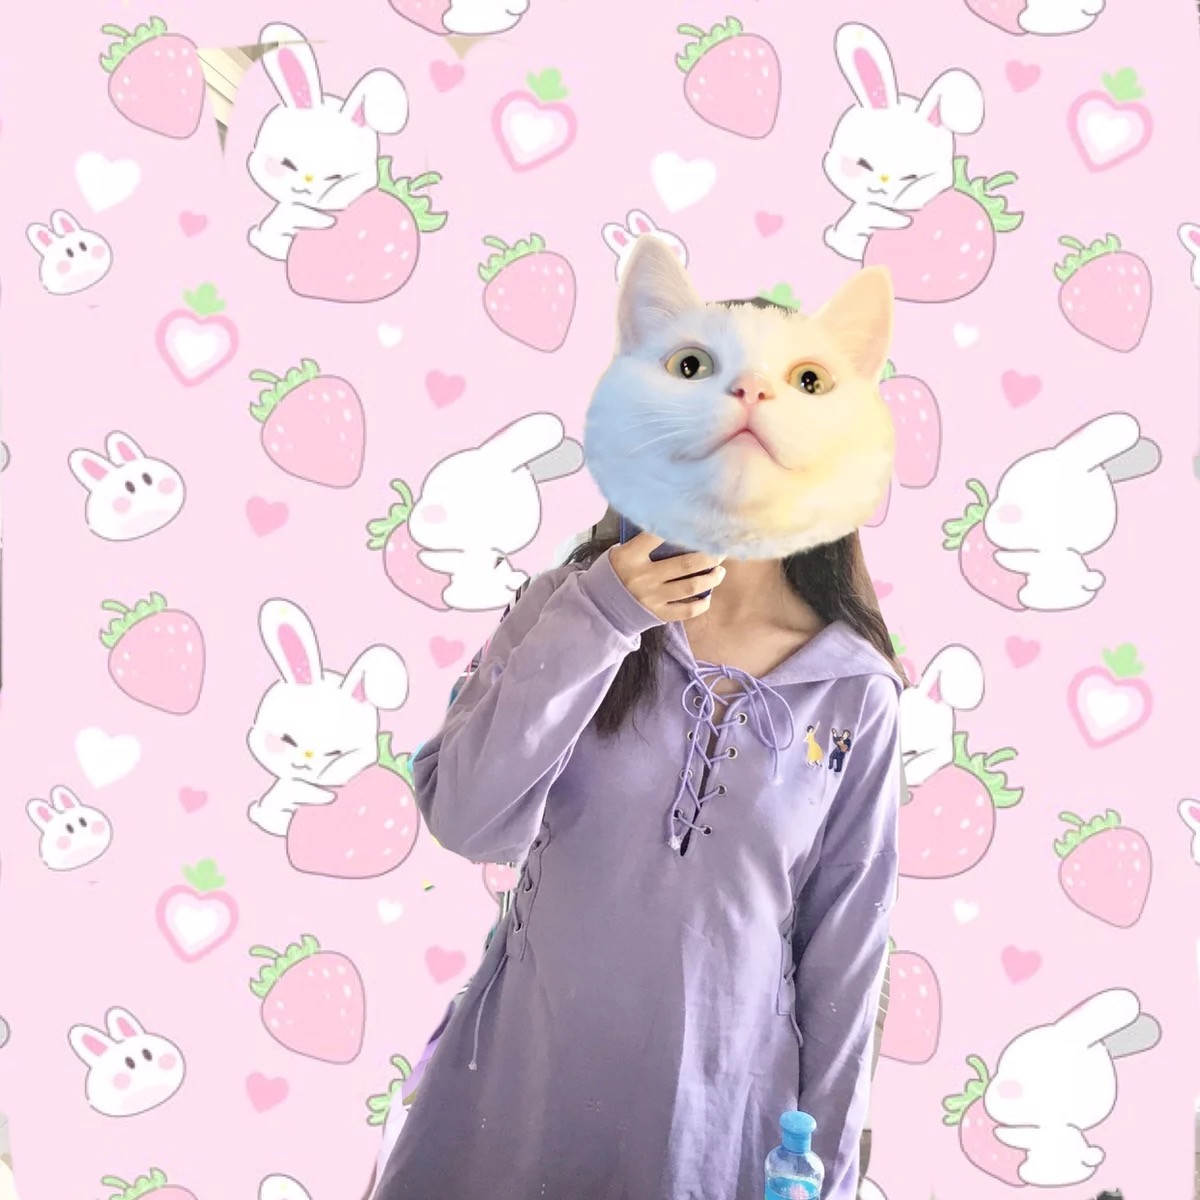 紫色连衣裙 渔自制 一曲一舞 紫色刺绣卫衣学院风连衣裙_推荐淘宝好看的紫色连衣裙